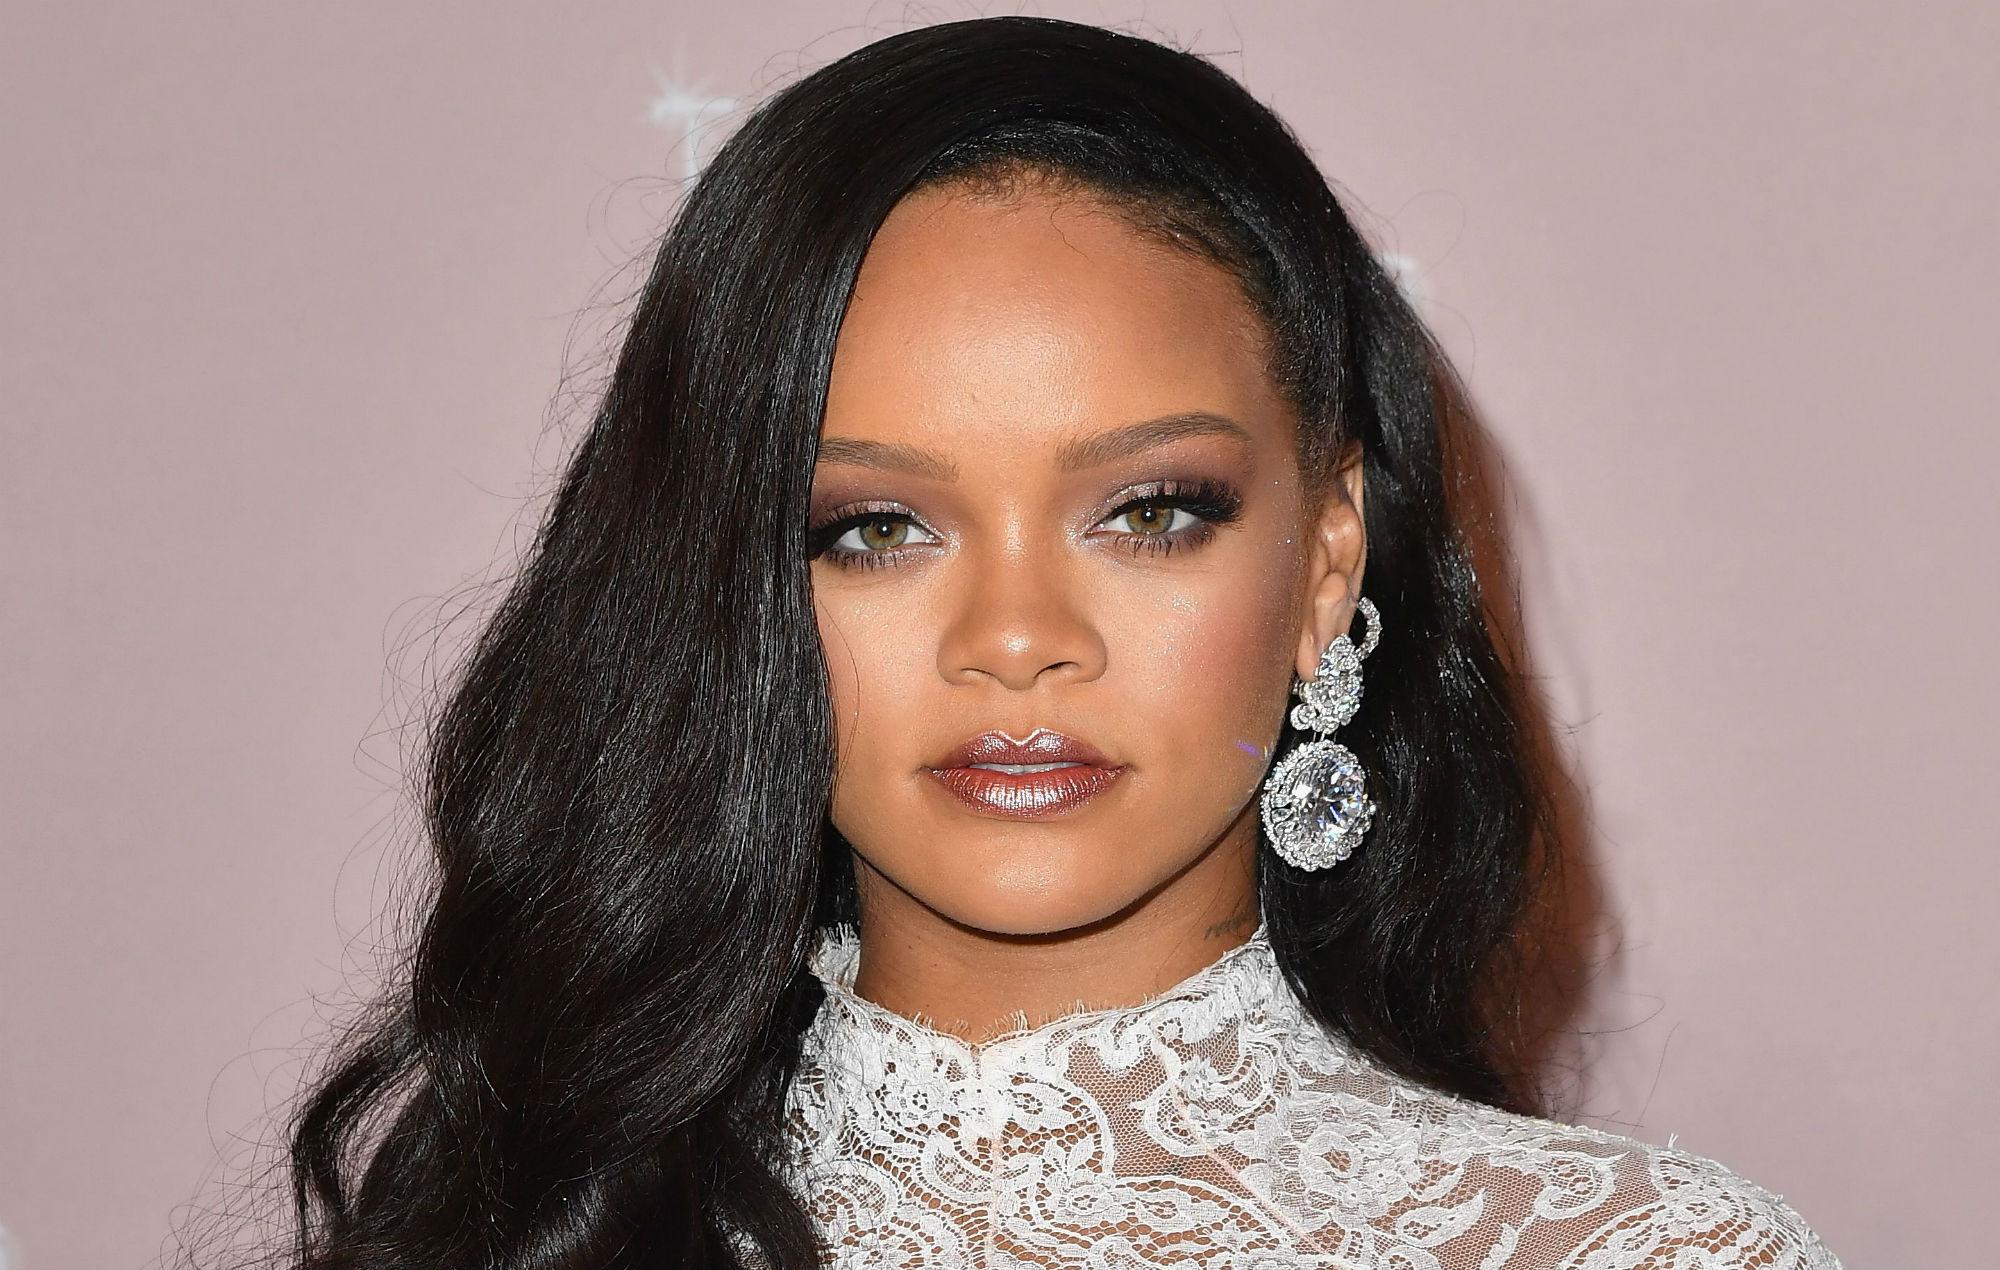 Rihanna naked (74 photos), pics Paparazzi, Snapchat, butt 2019